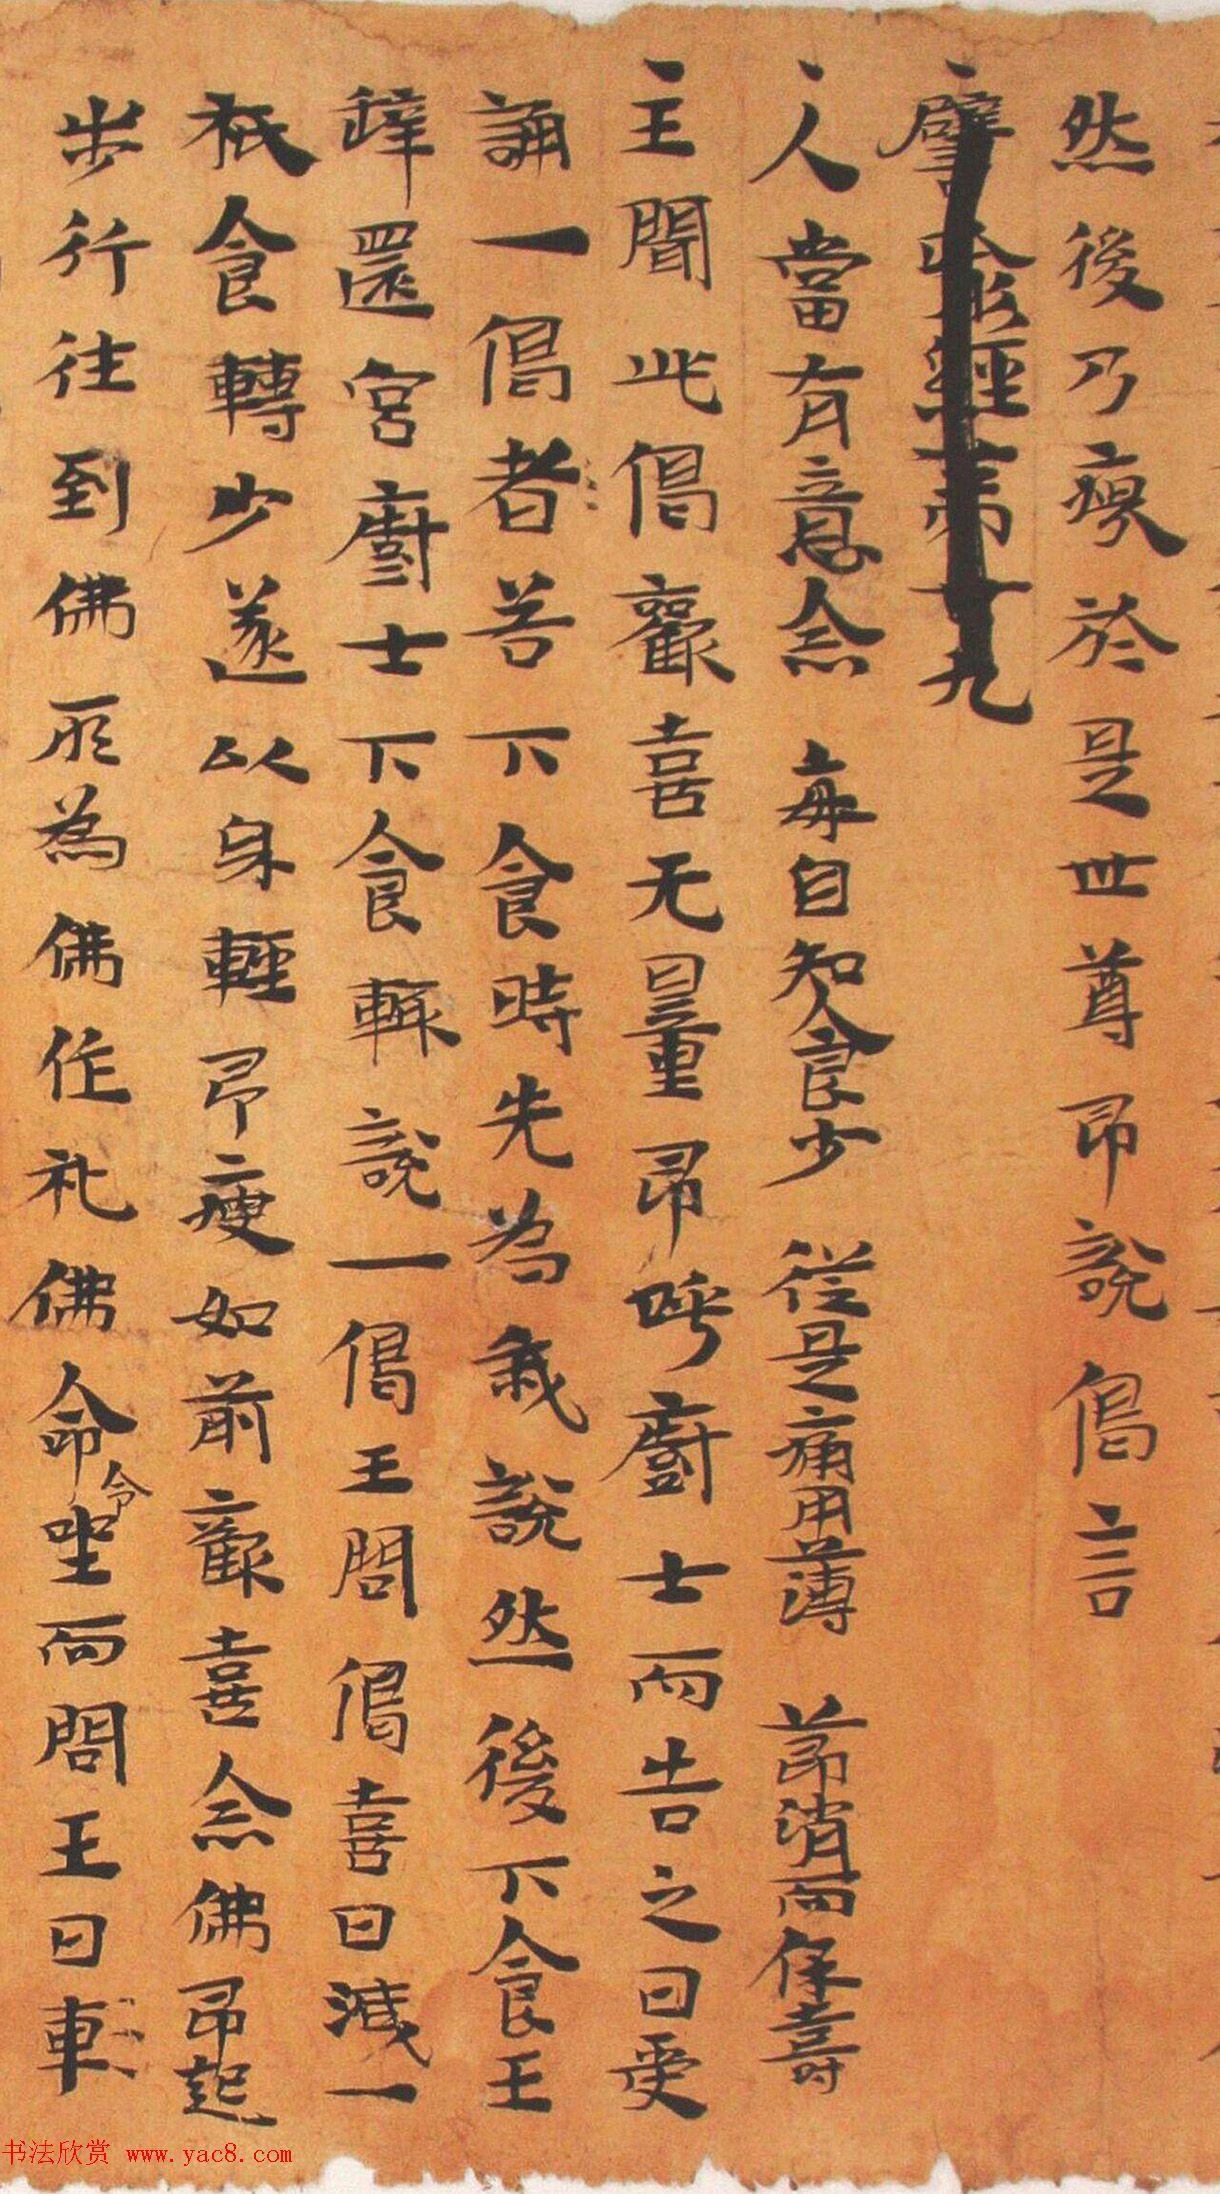 三国隶楷墨迹《法句譬喻经》